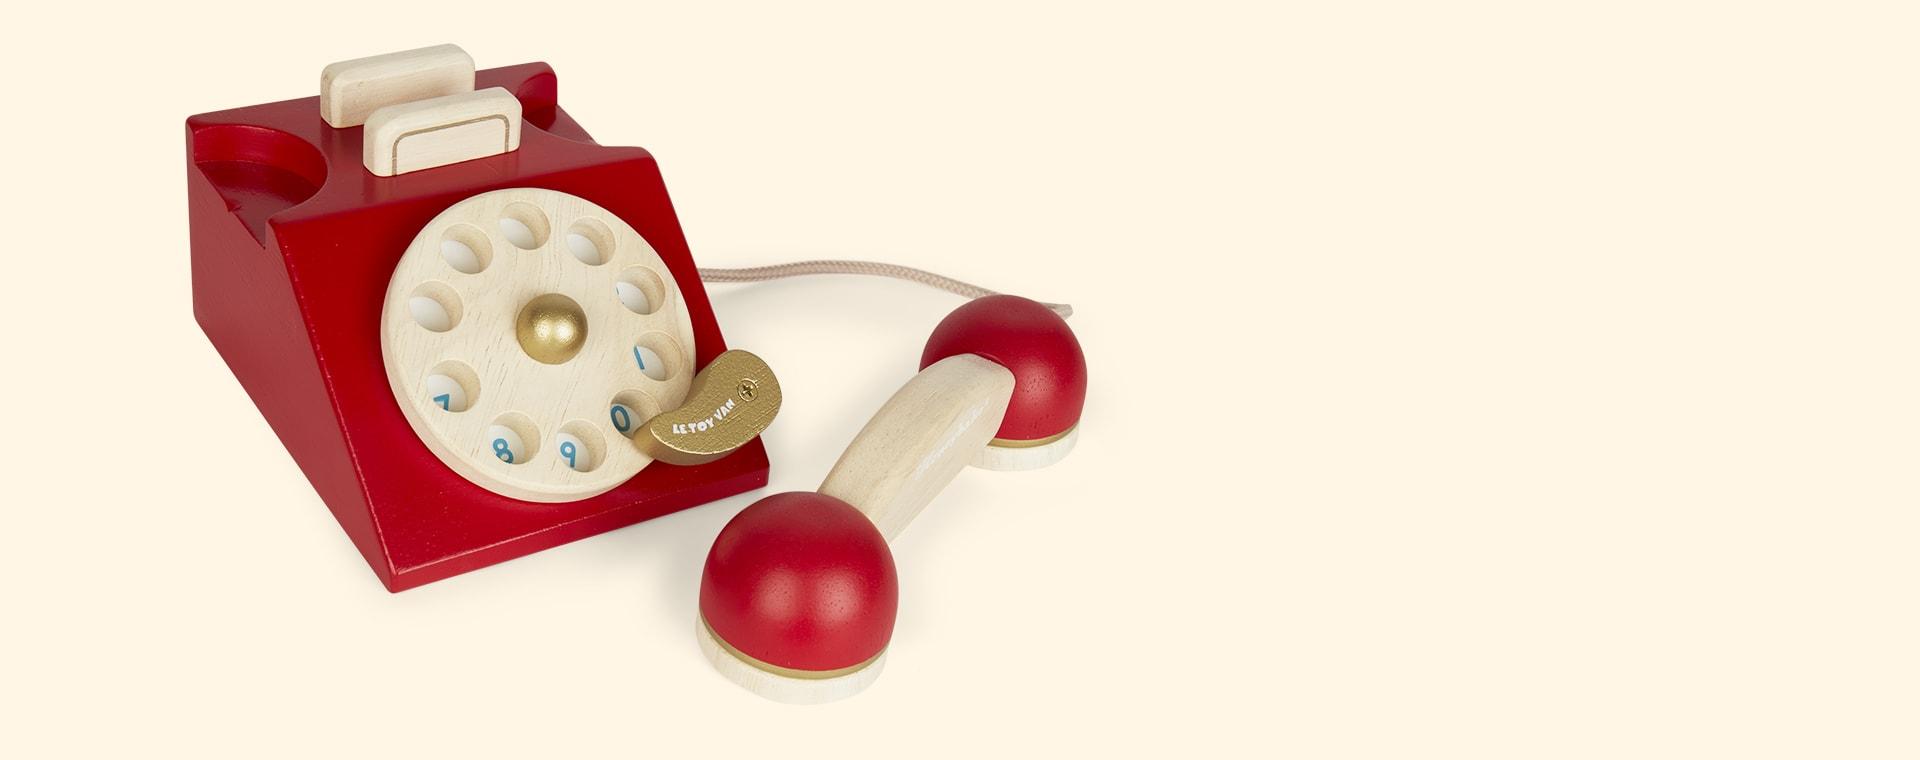 Red Le Toy Van Vintage Phone